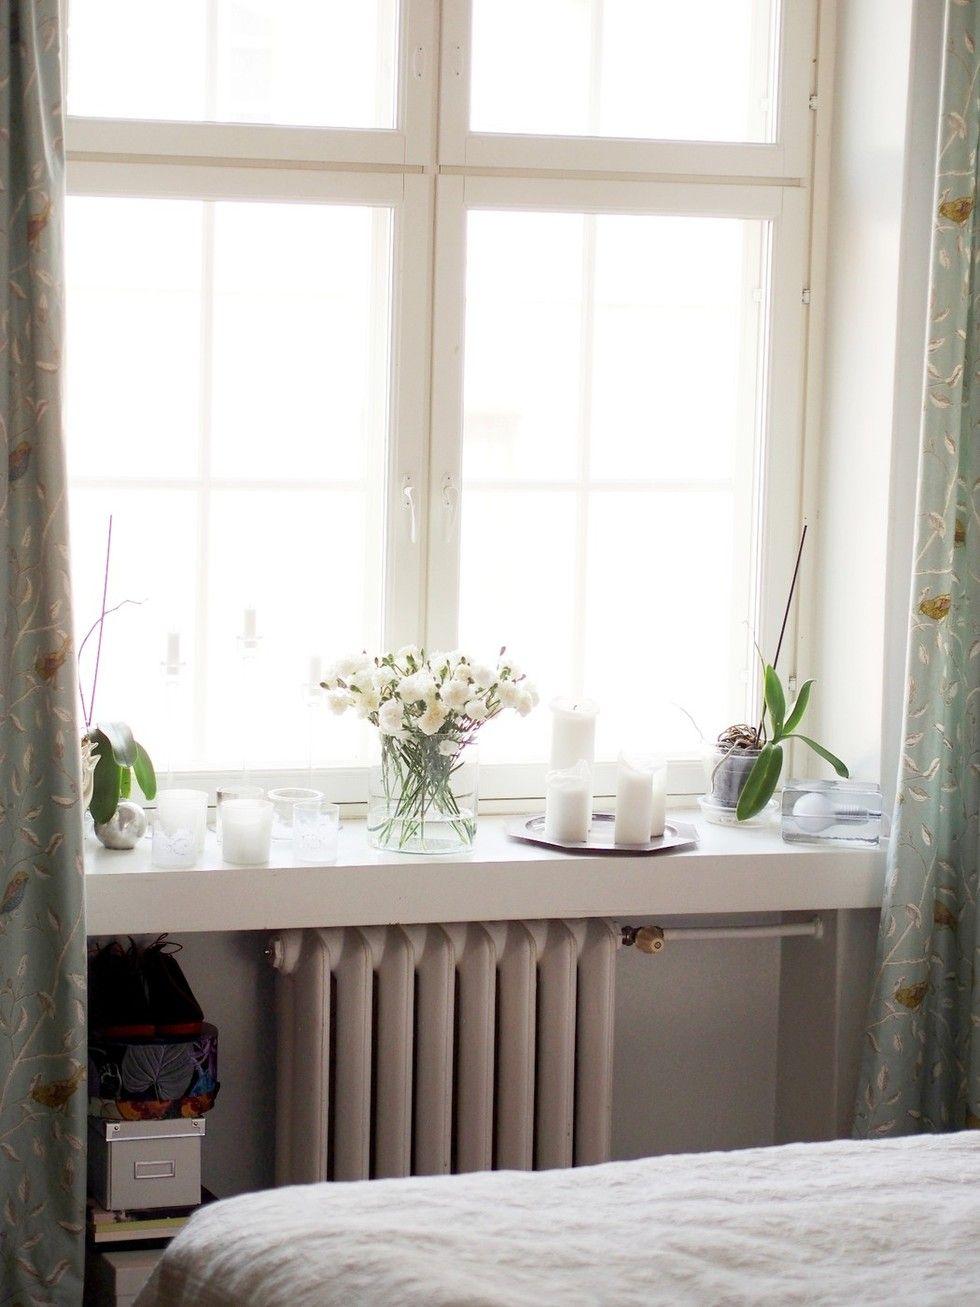 Bloggaajan kotona: esittelyssä makuuhuone - Pupulandia  Living